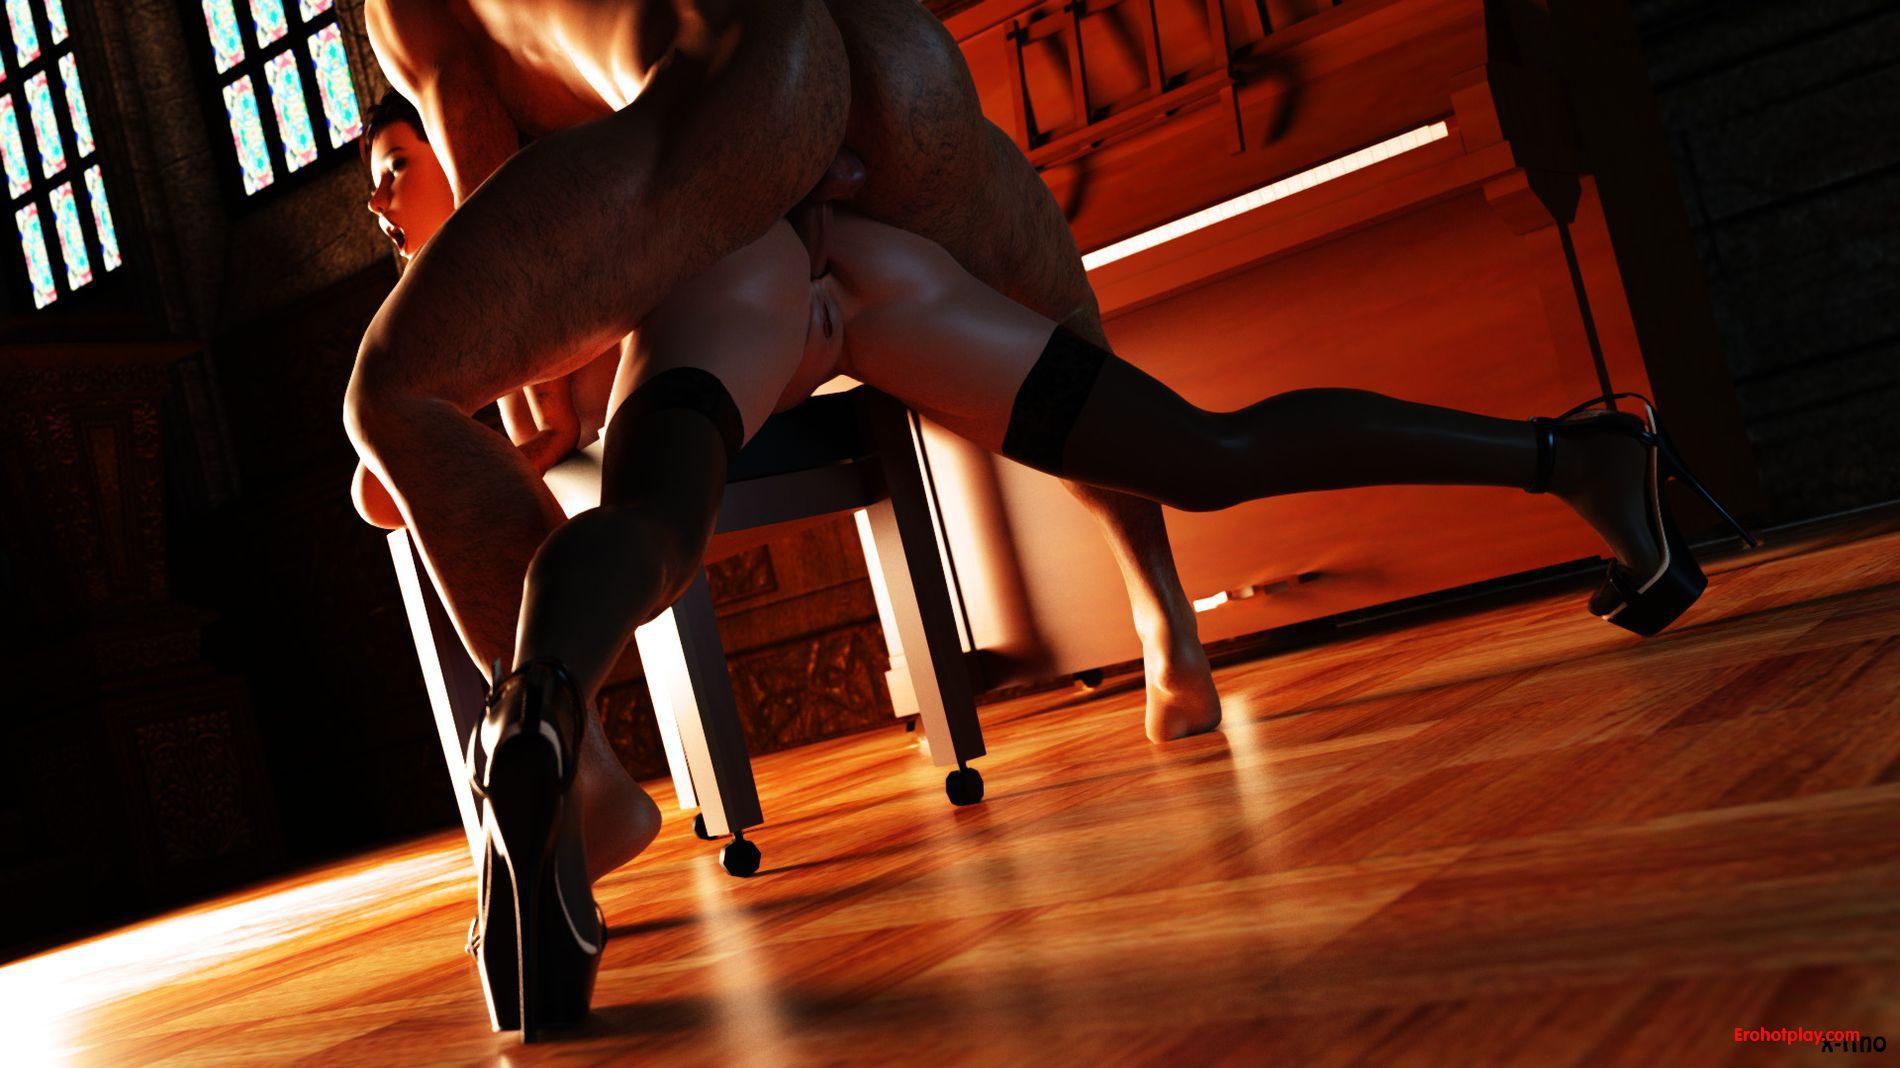 Секс порно гифки  Бесплатные секс гиф картинки